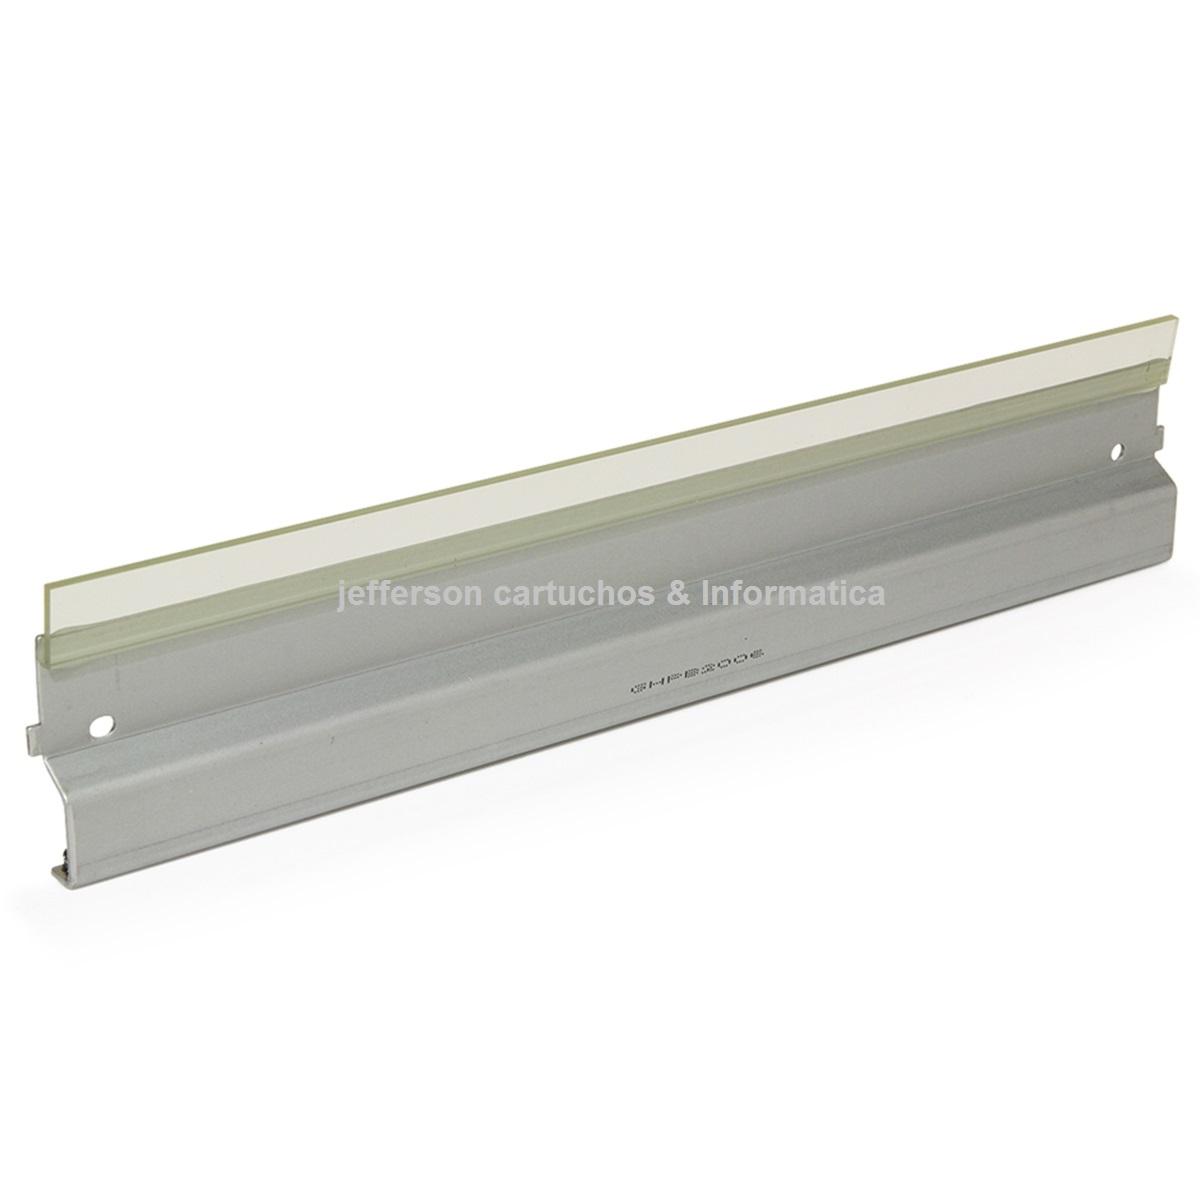 Lâmina de Limpeza ou Wiper Blade Cilindro Lexmark E120 | E120N | 12026XW | 12018SL